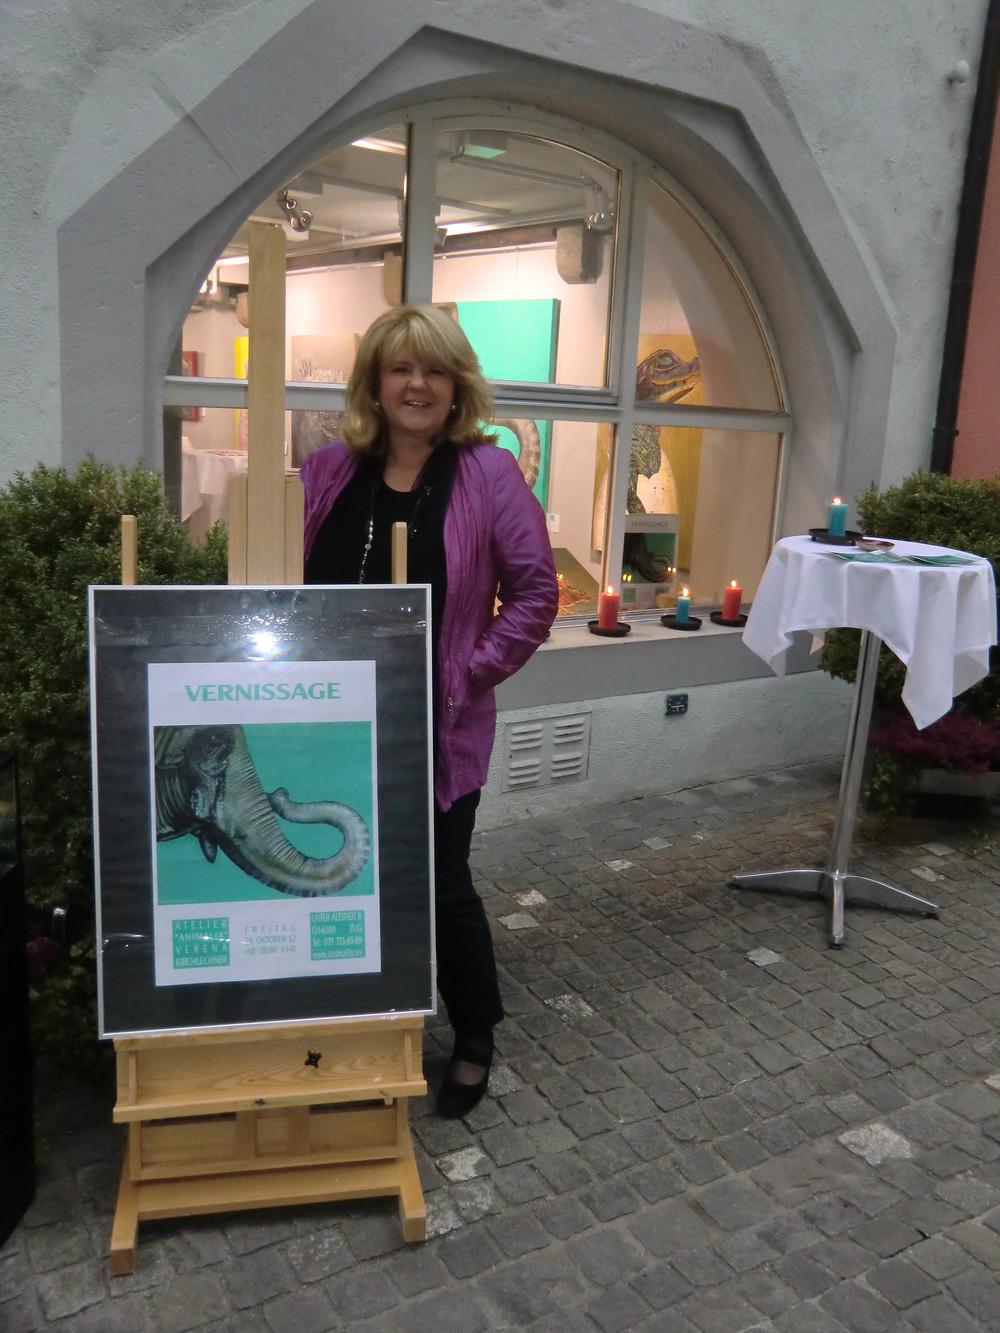 Dies ist mein ATELIER ANIMALIA in der Altstadt von Zug / Schweiz